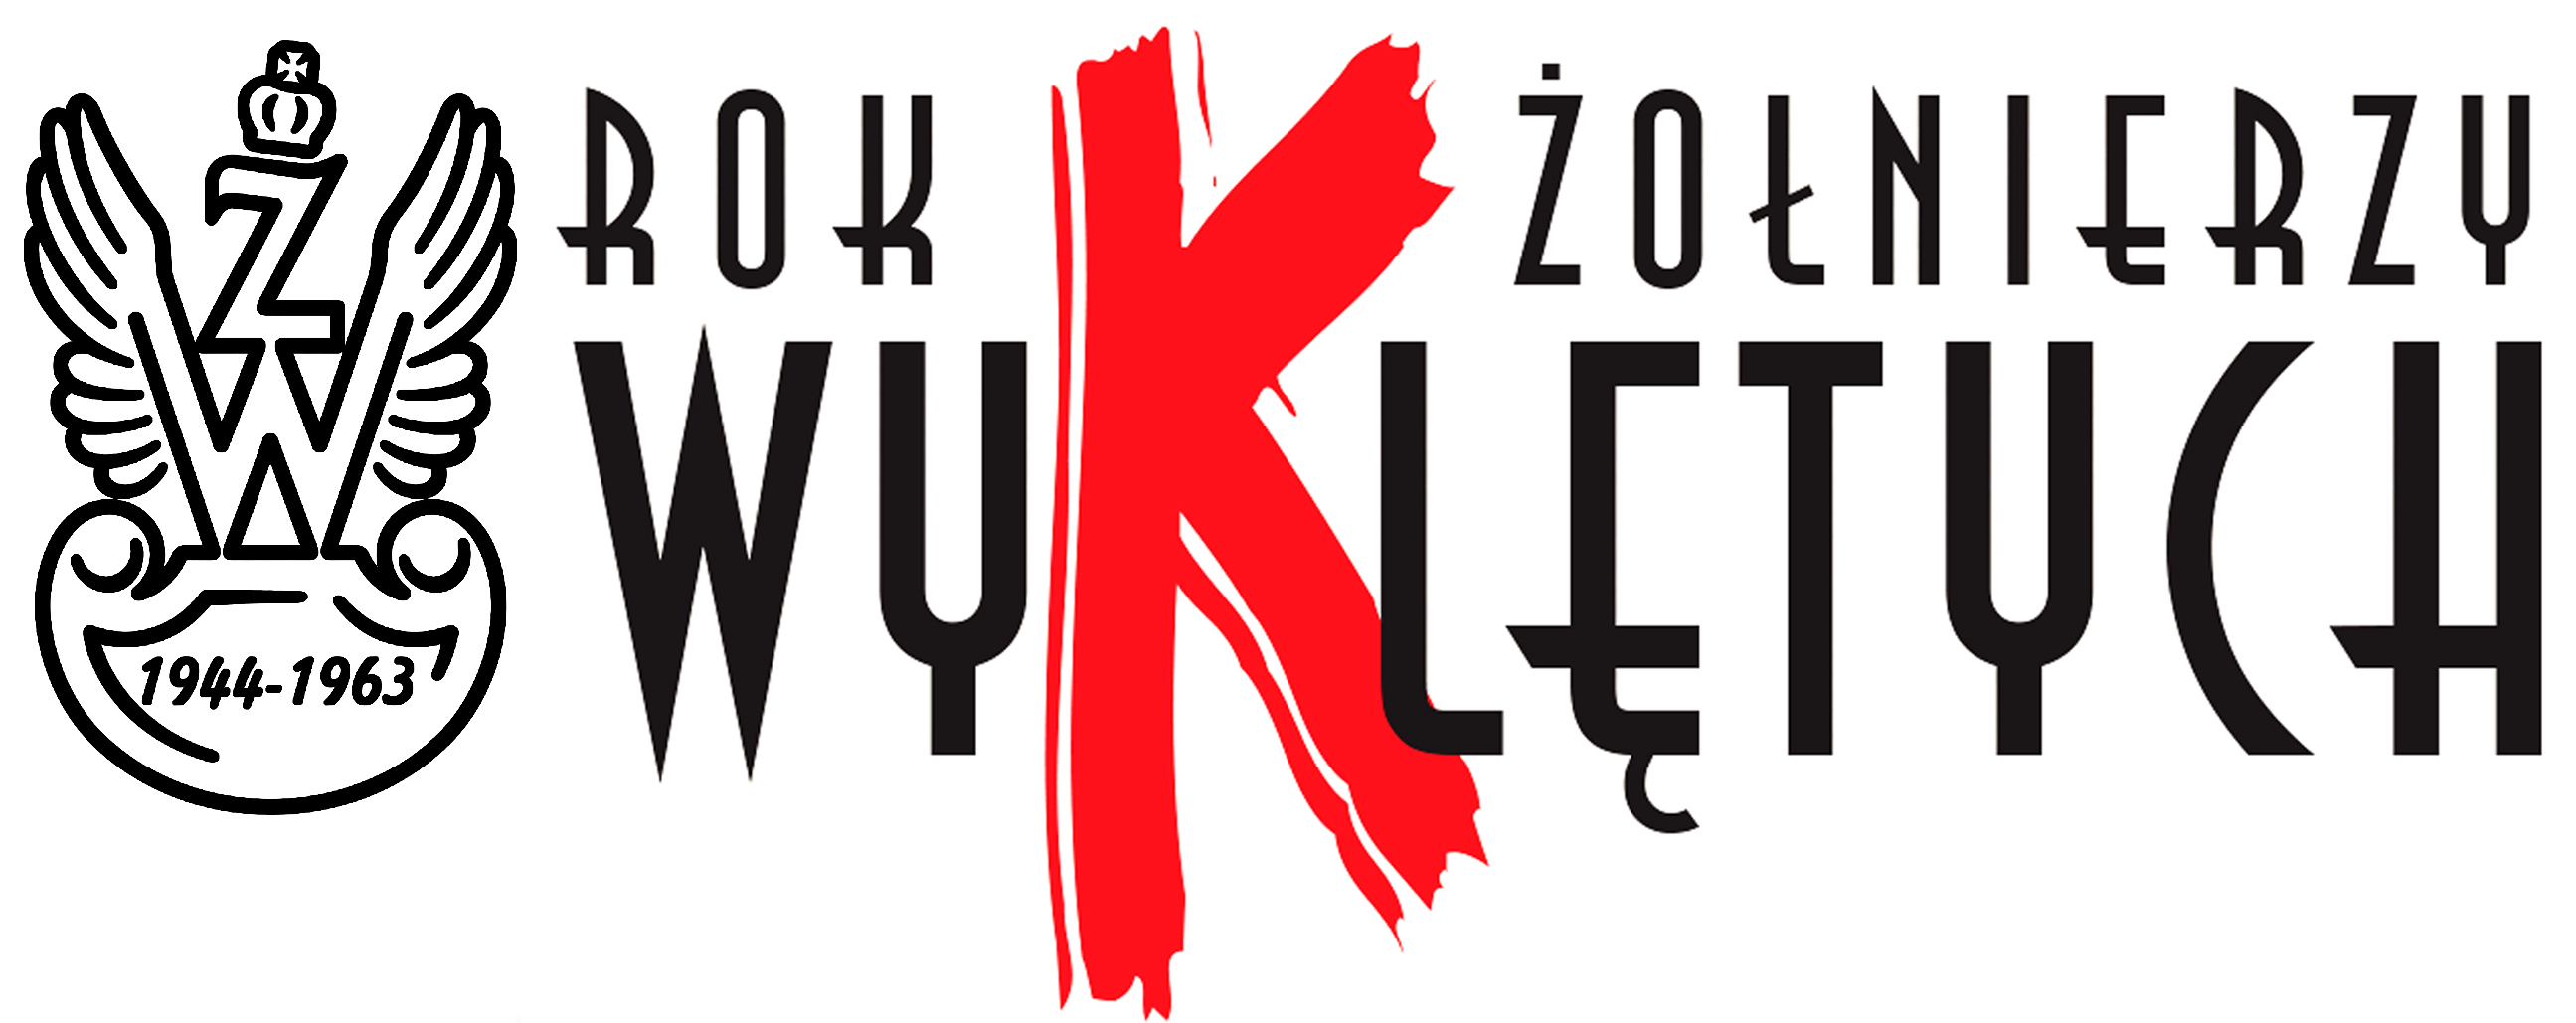 Rok_Zolnierzy_Wykletych_logotyp_JPG